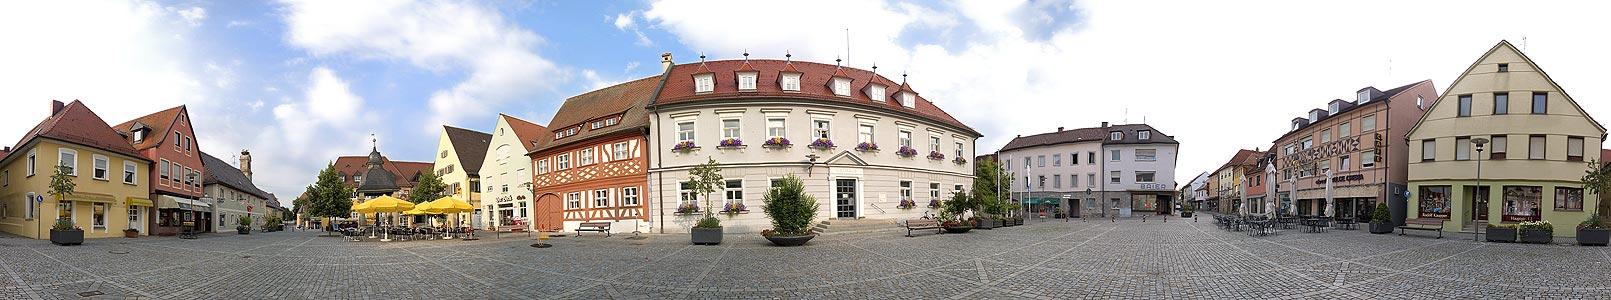 Höchstadt (Aisch), Marktplatz